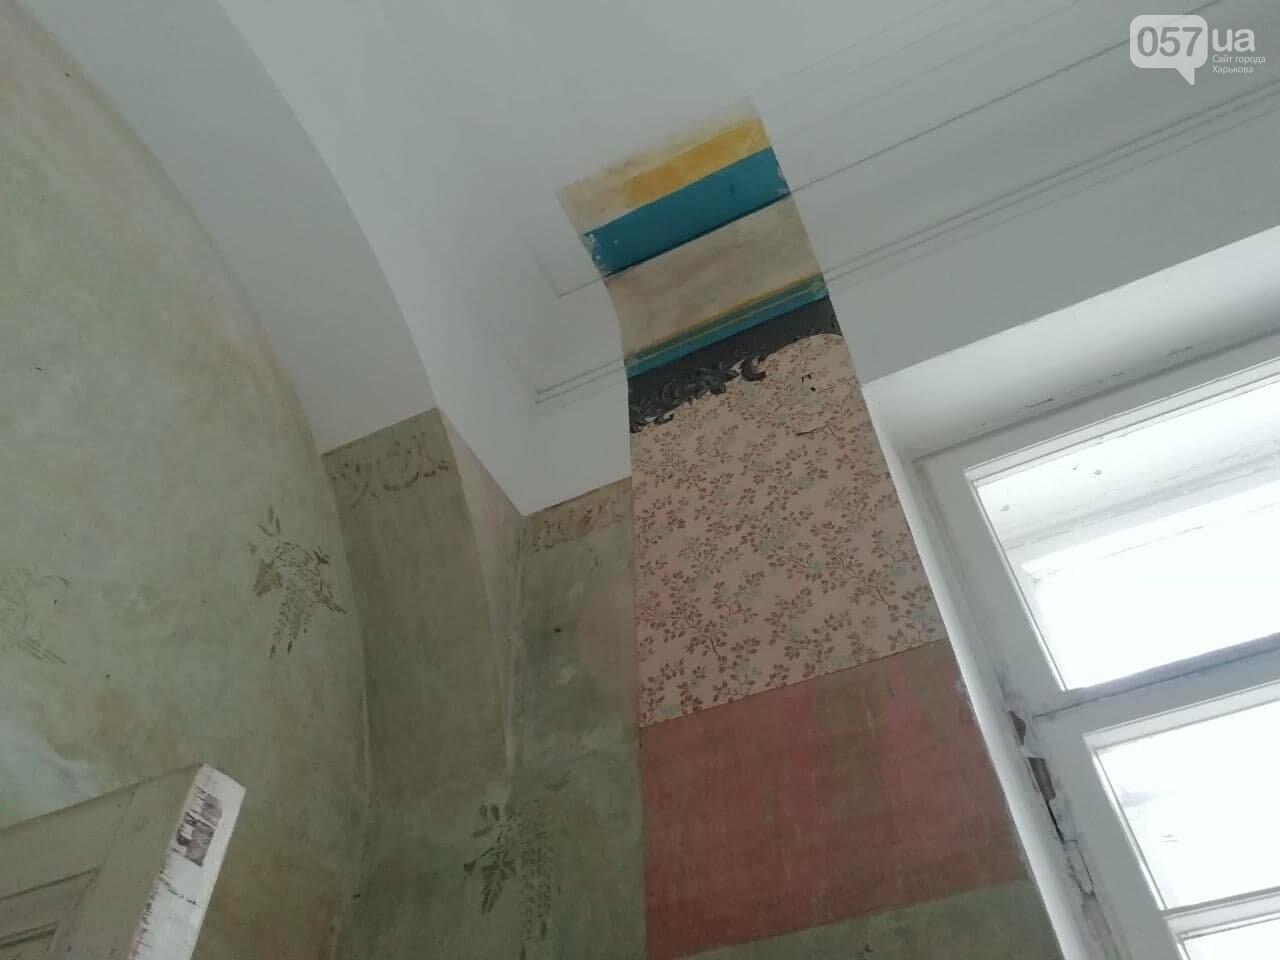 Квартира Шевелева в центра Харькова стала творческой резиденцией, - ФОТО, ВИДЕО, фото-13